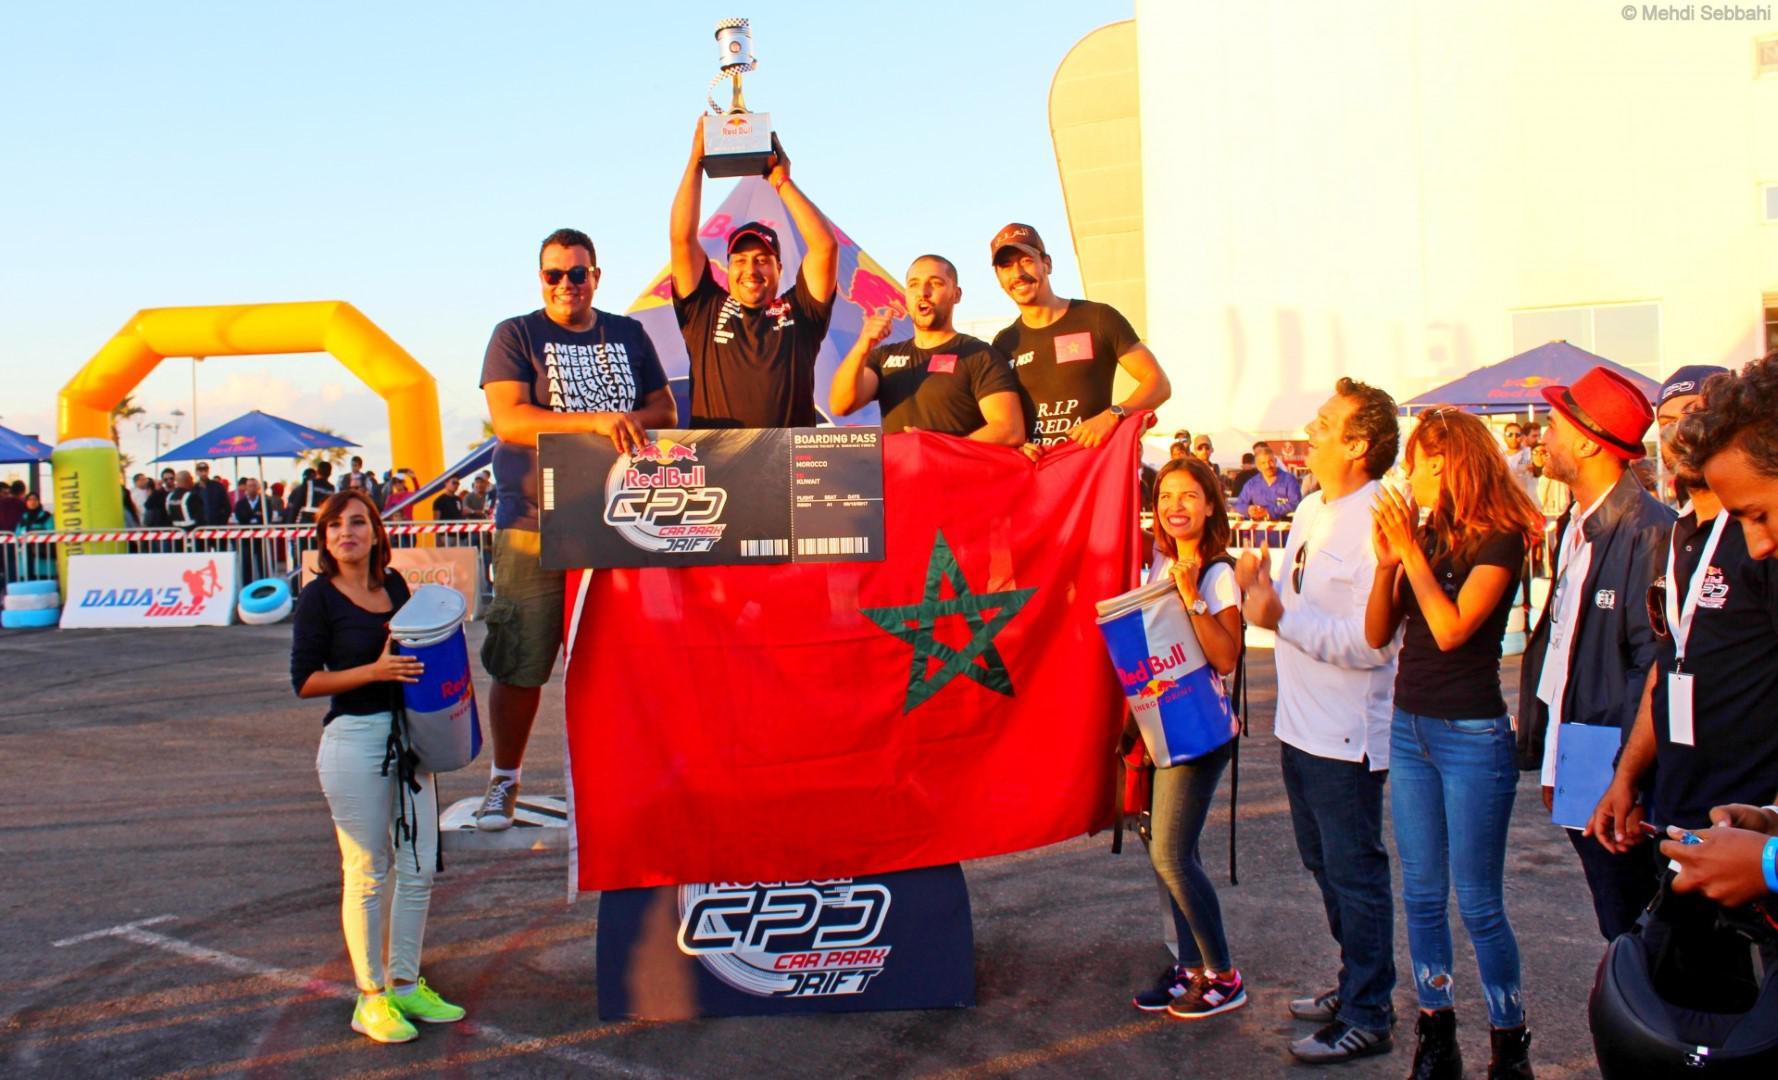 Red Bull Car Park Drift 2017, Ait Mansour nouveau champion